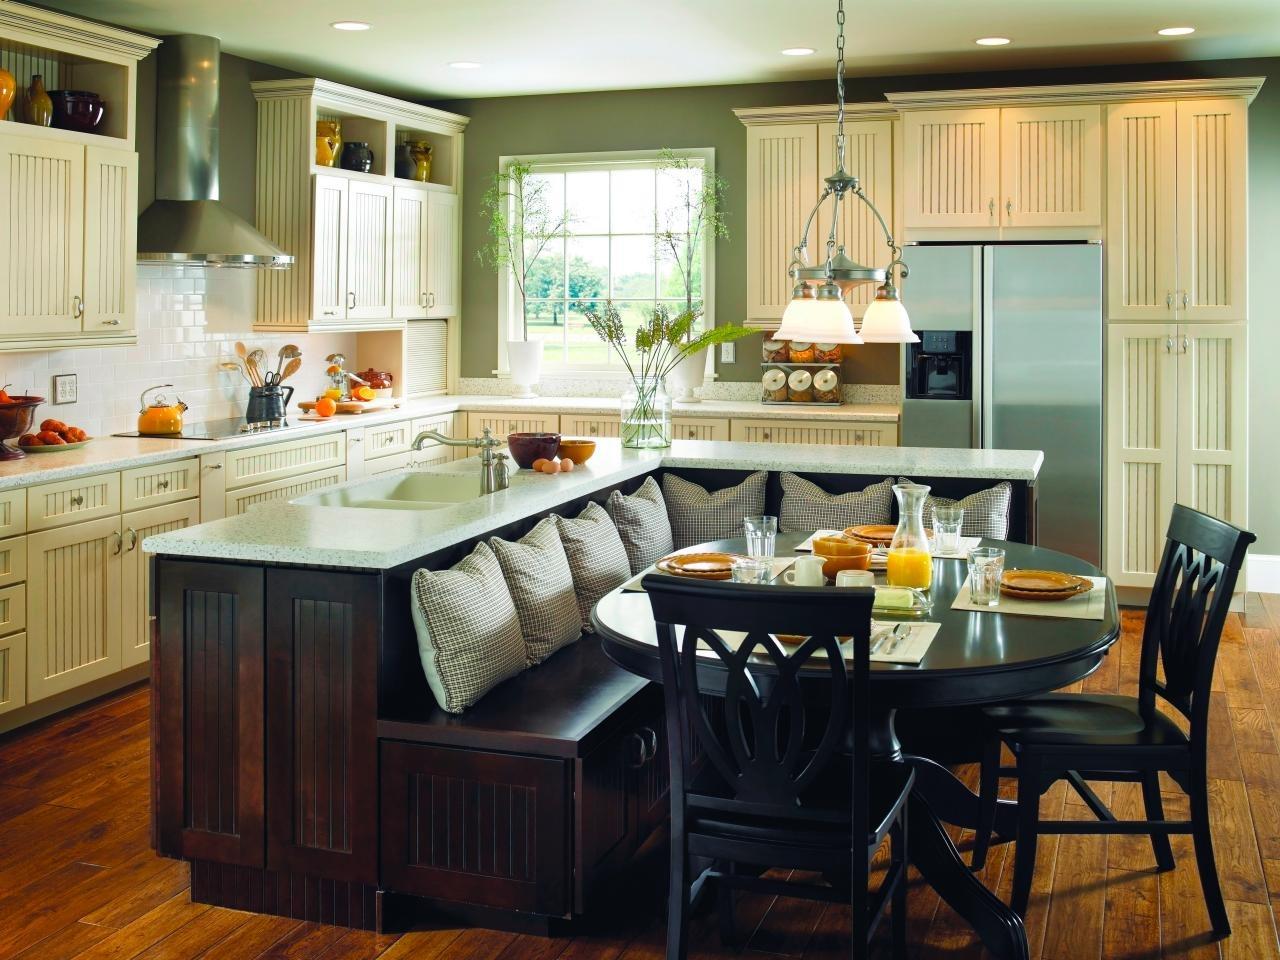 кухни в картинках с диваном в картинках позволяют выбрать такой